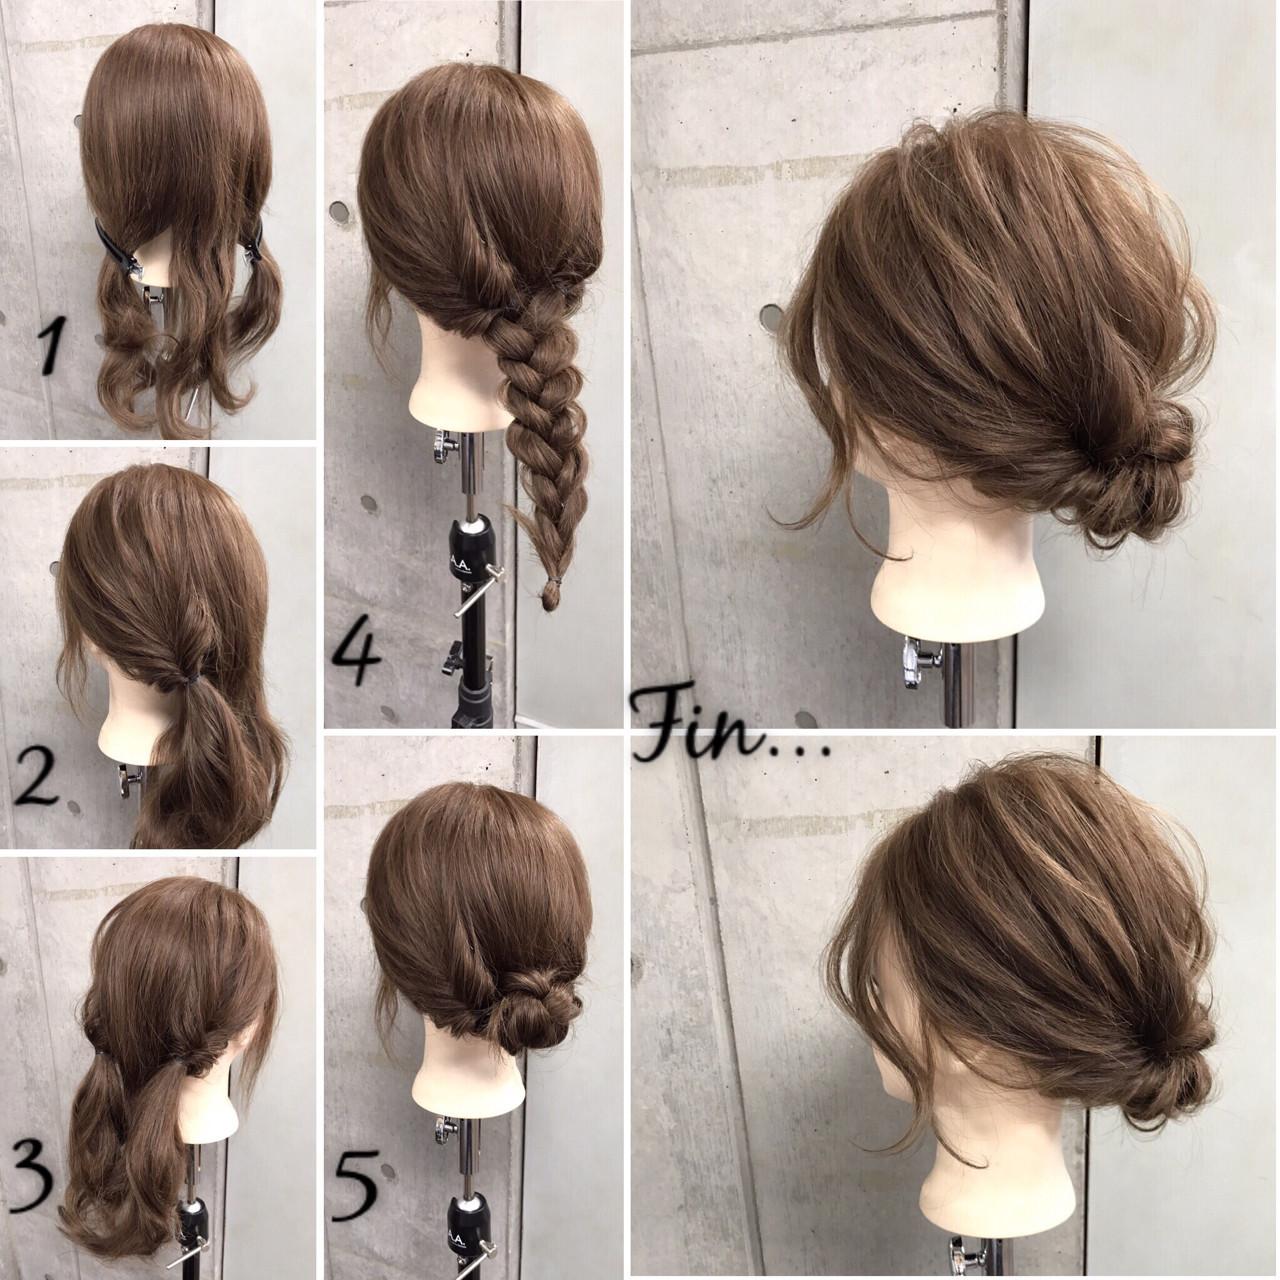 オフィス 雨の日 女子会 ヘアアレンジ ヘアスタイルや髪型の写真・画像